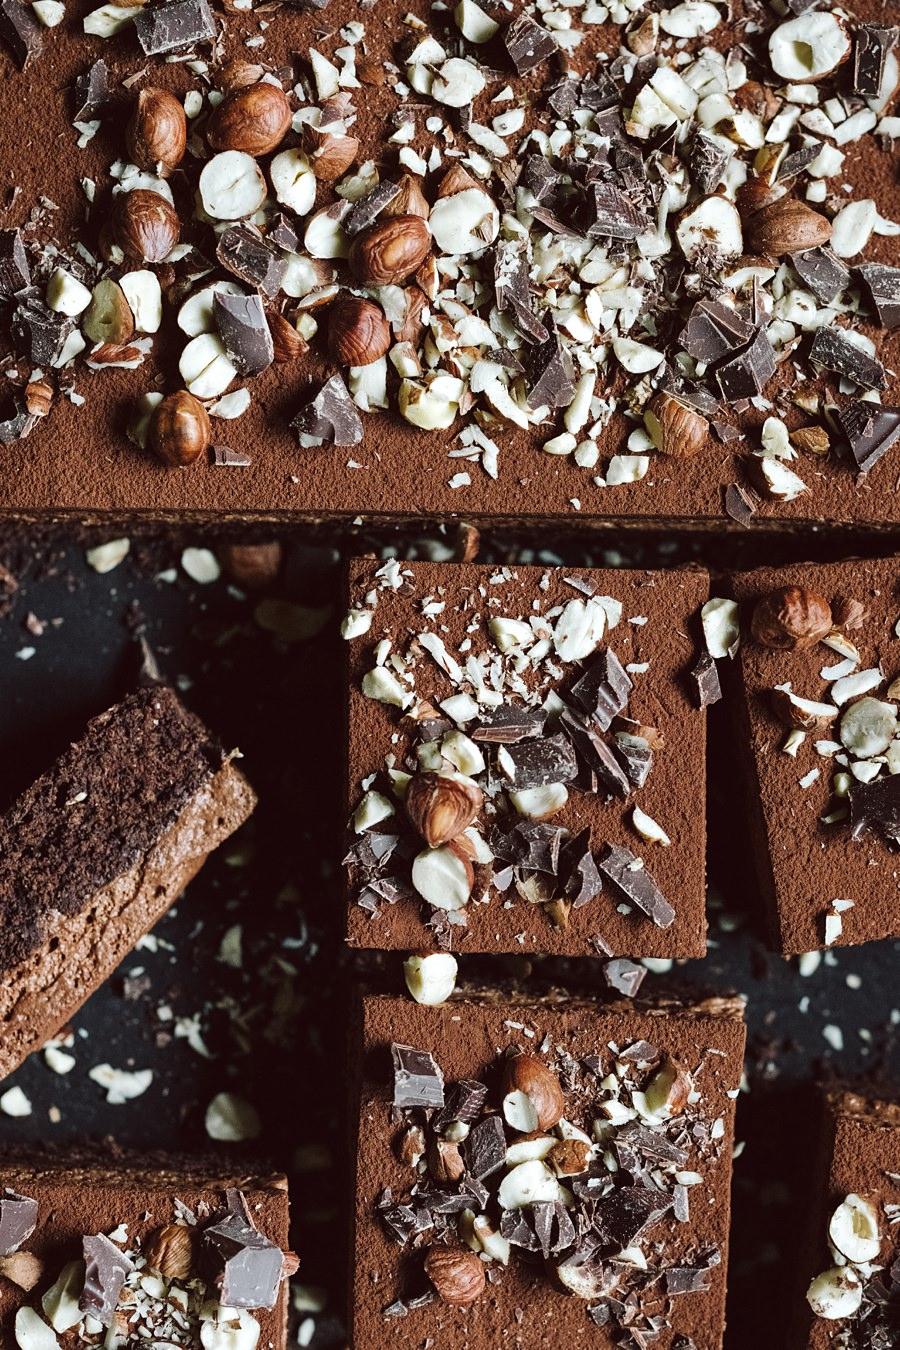 mousse-au-chocolat-cake-06.jpg